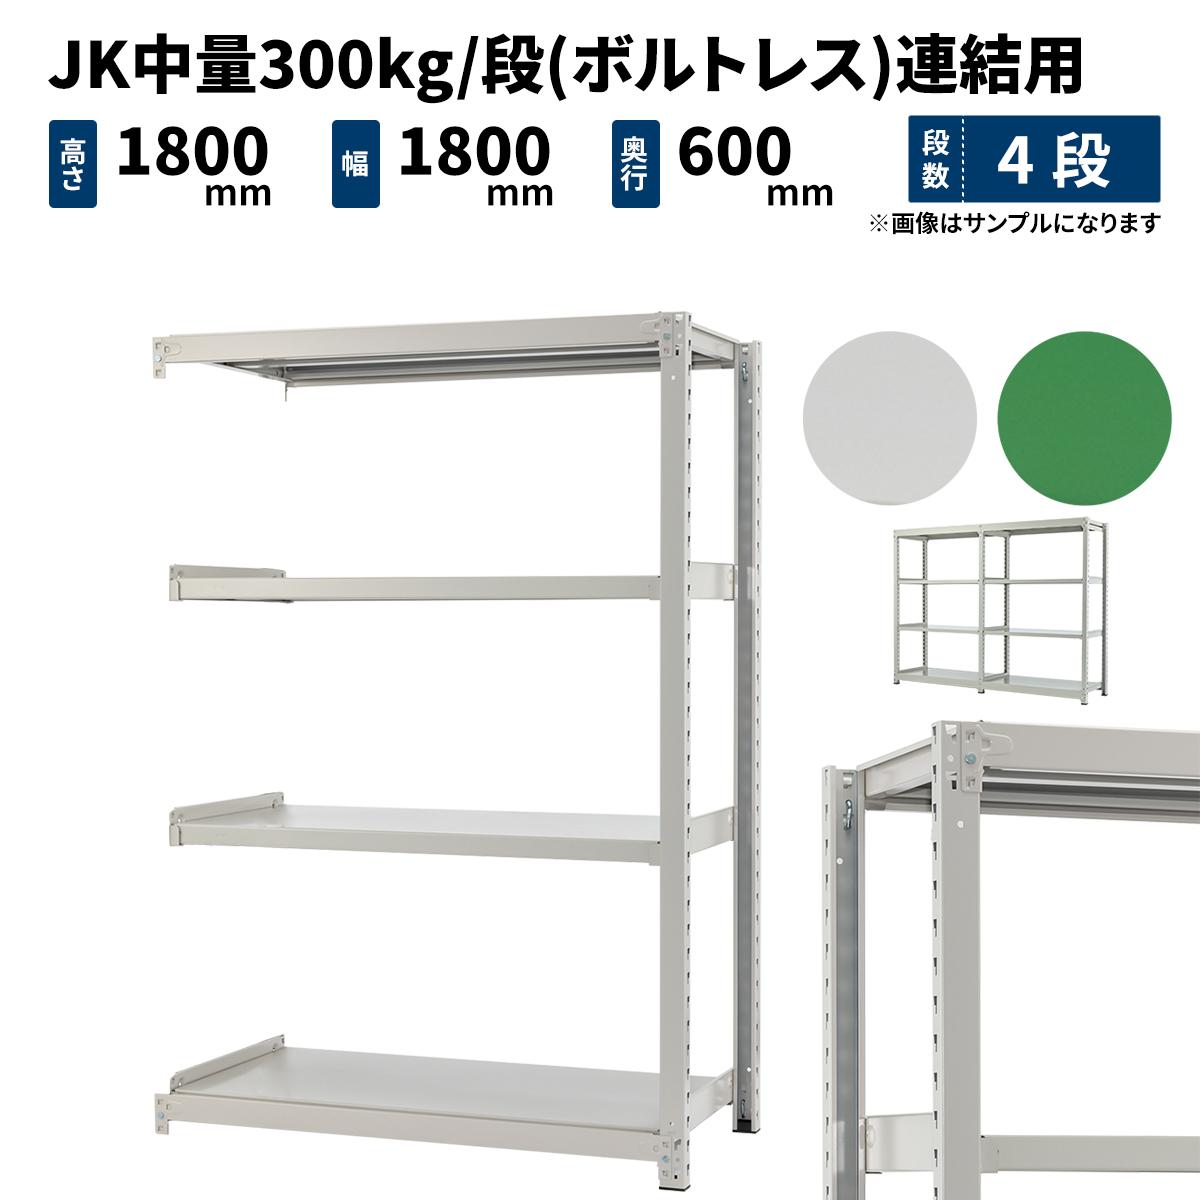 スチールラック 業務用 JK中量300kg/段(ボルトレス) 連結形式 高さ1800×幅1800×奥行600mm 4段 ホワイトグレー/グリーン (70kg) JK300_R-181806-4